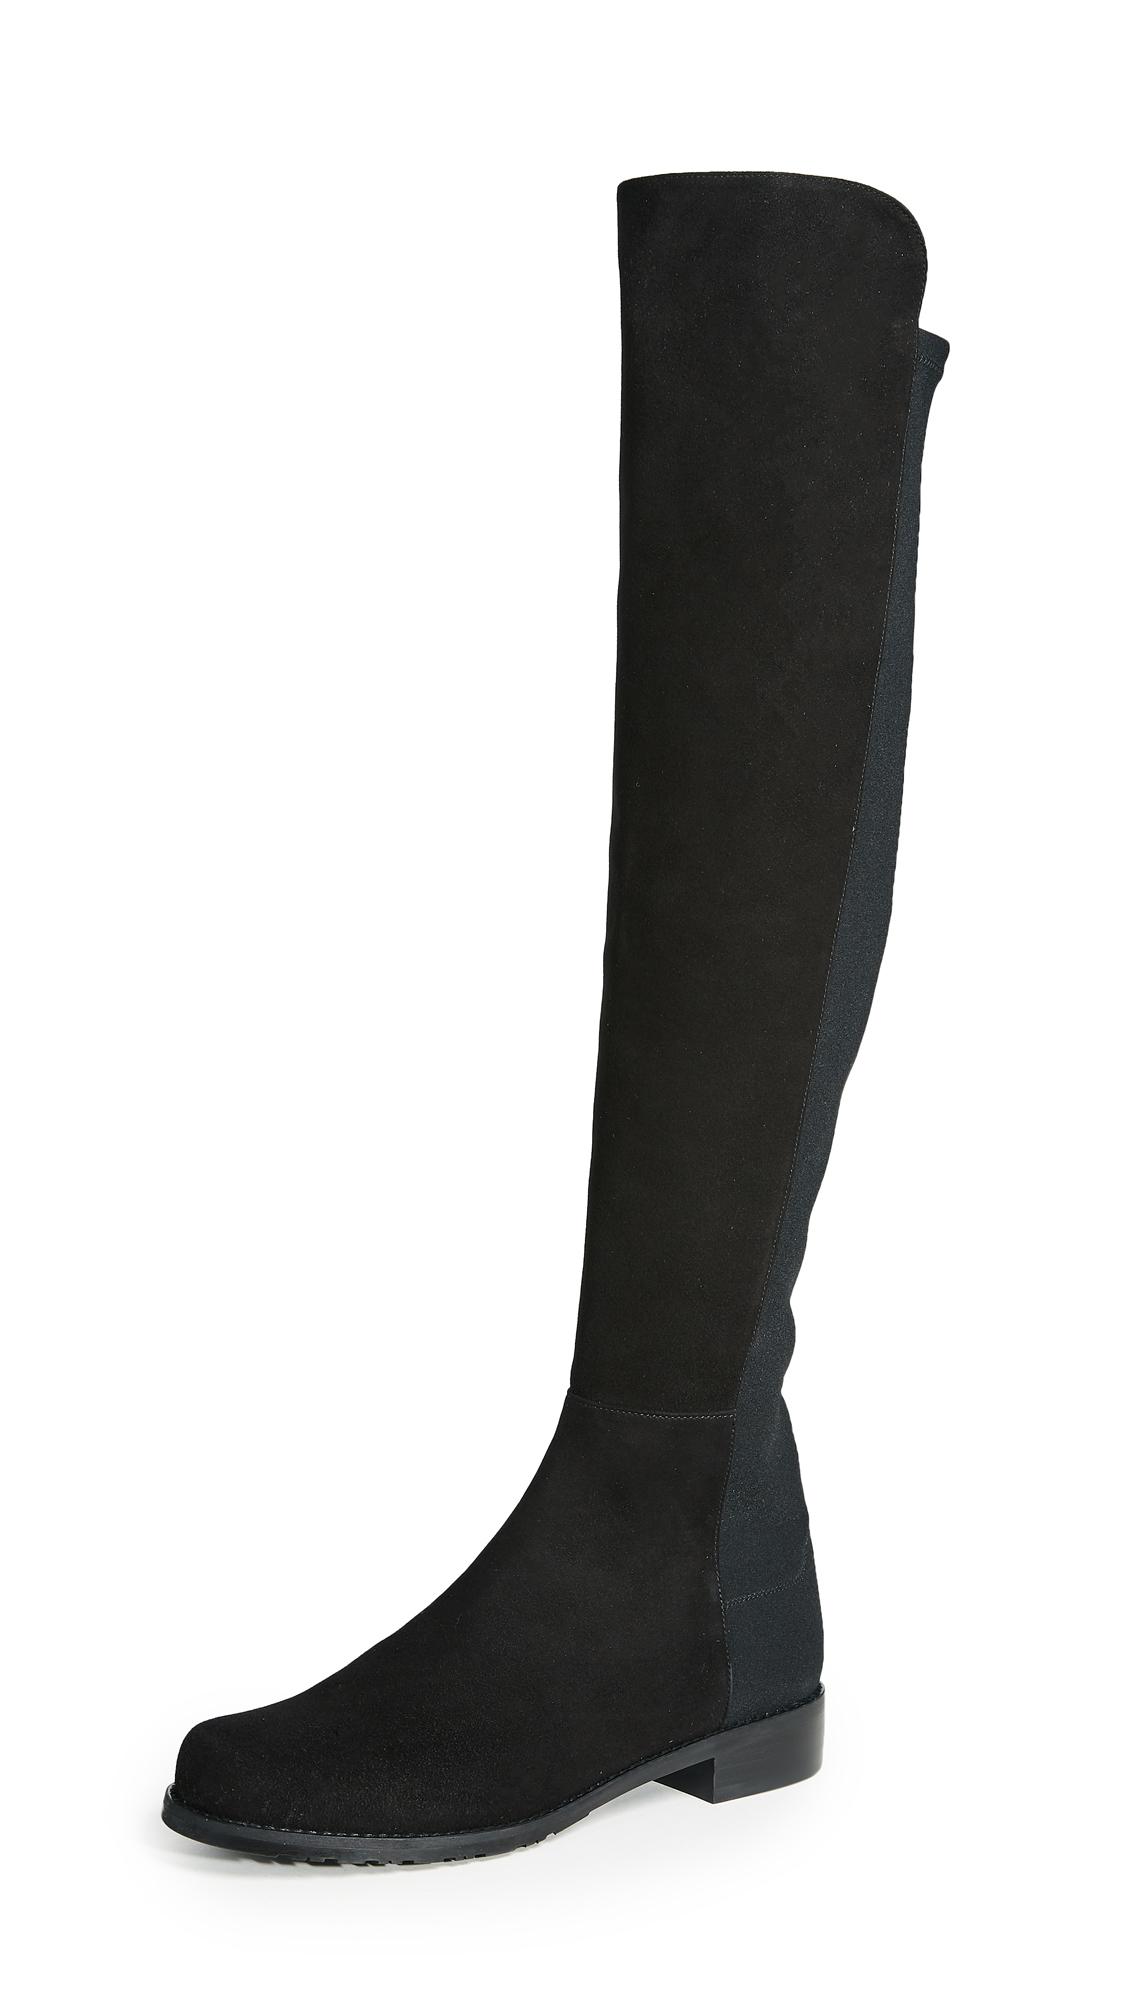 Stuart Weitzman 5050 Stretch Suede Boots - Black